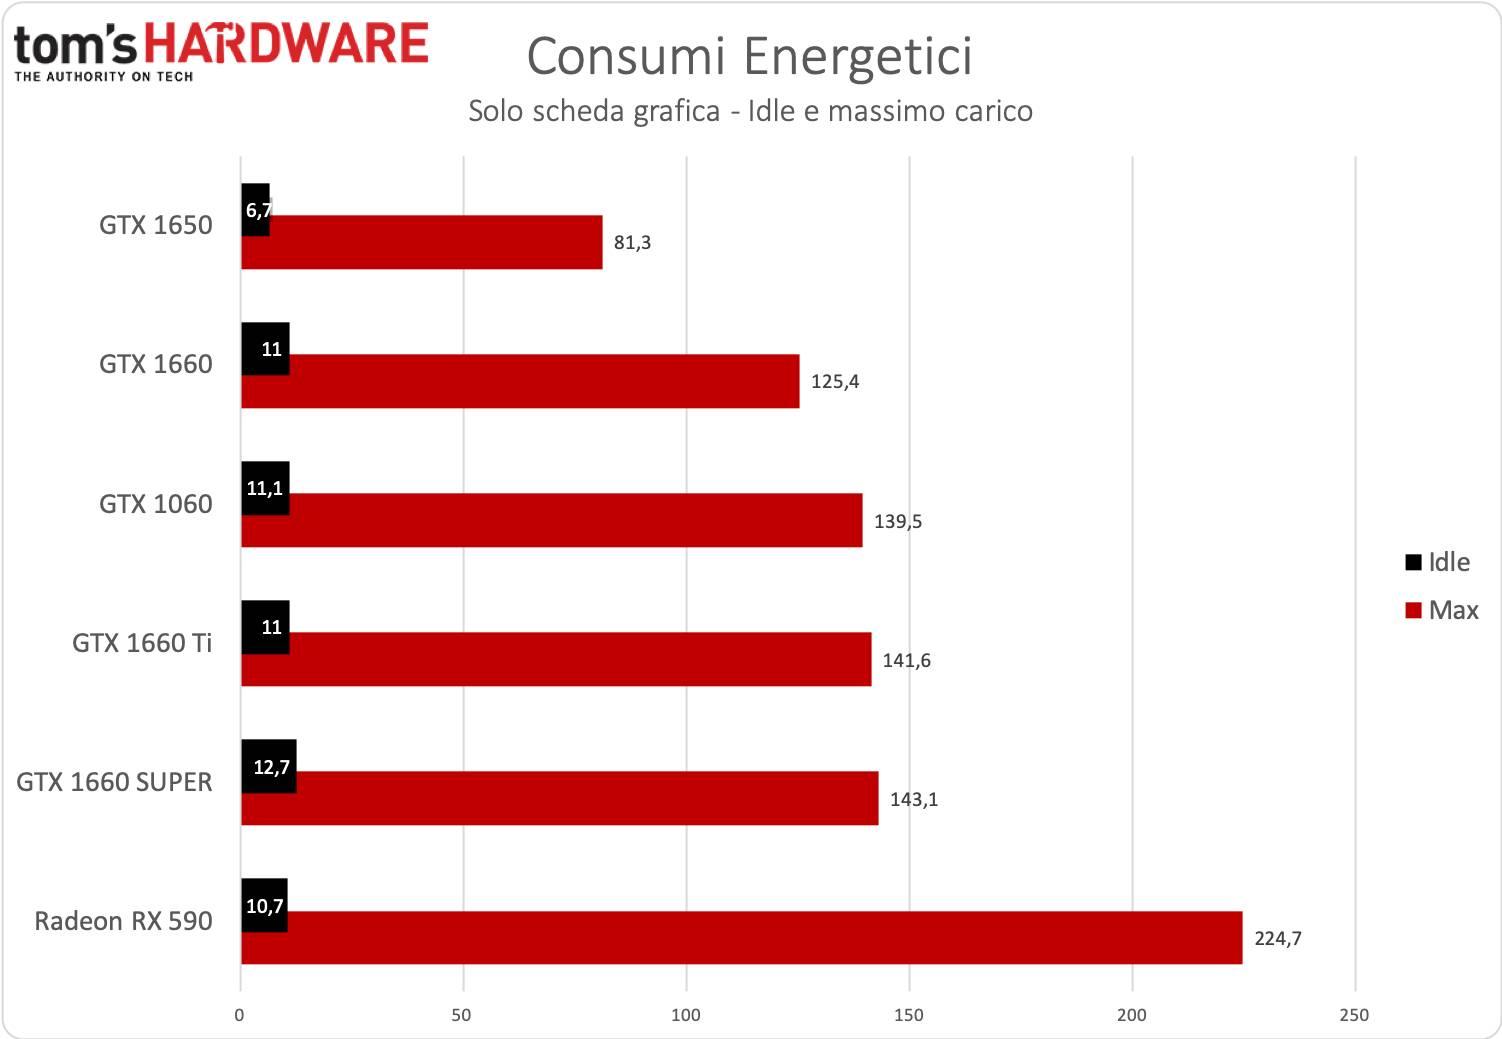 GeForce GTX 1660 SUPER - Consumi